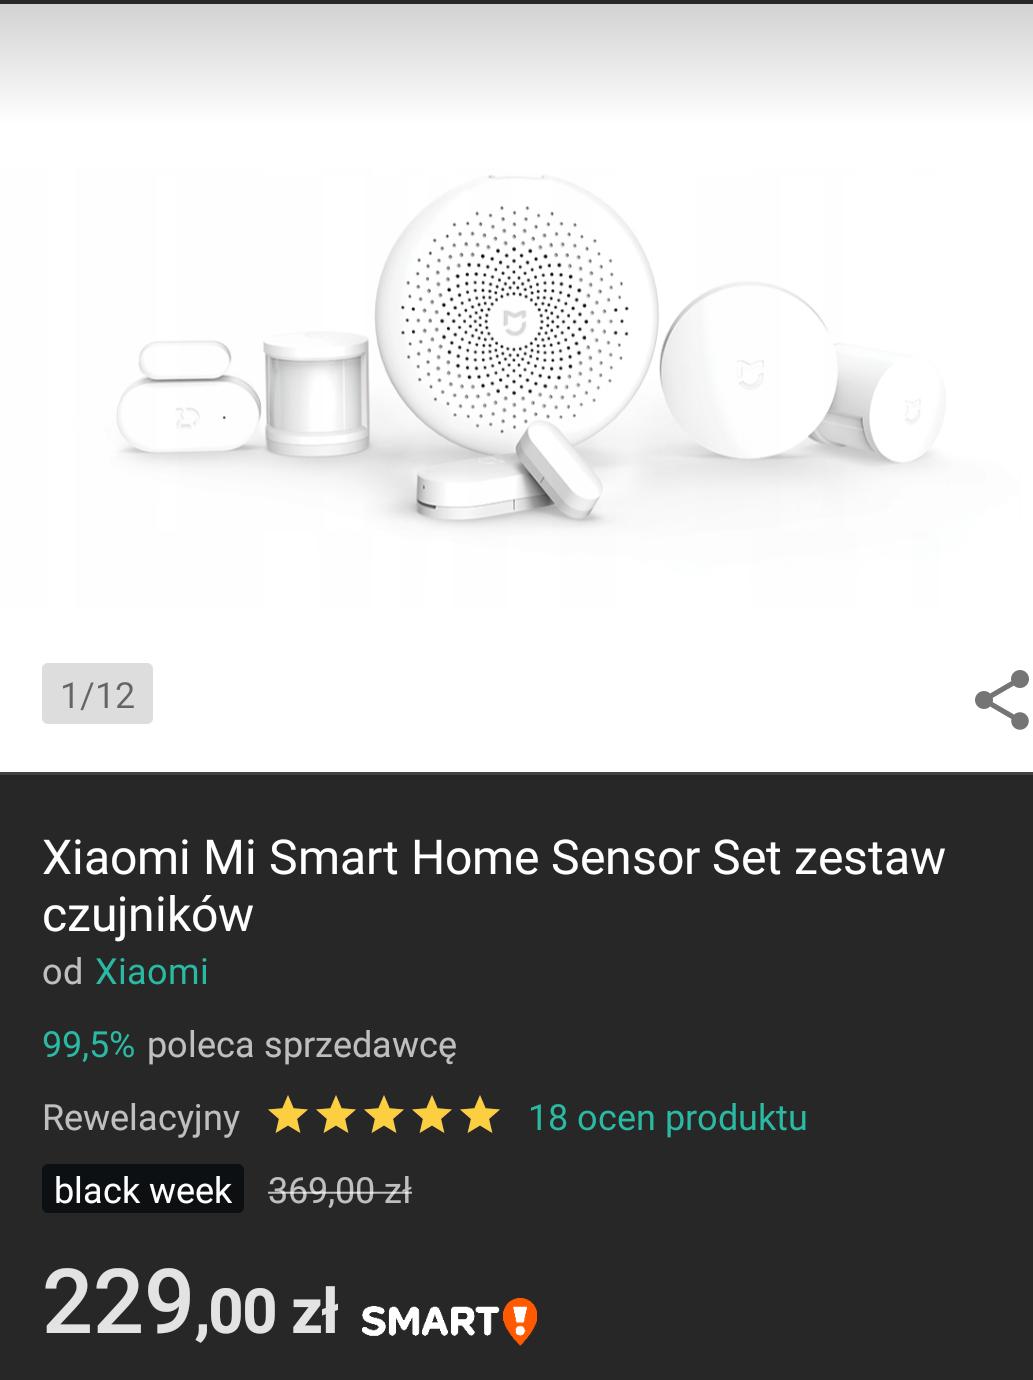 Xiaomi Mi Smart Home Sensor Set zestaw czujników